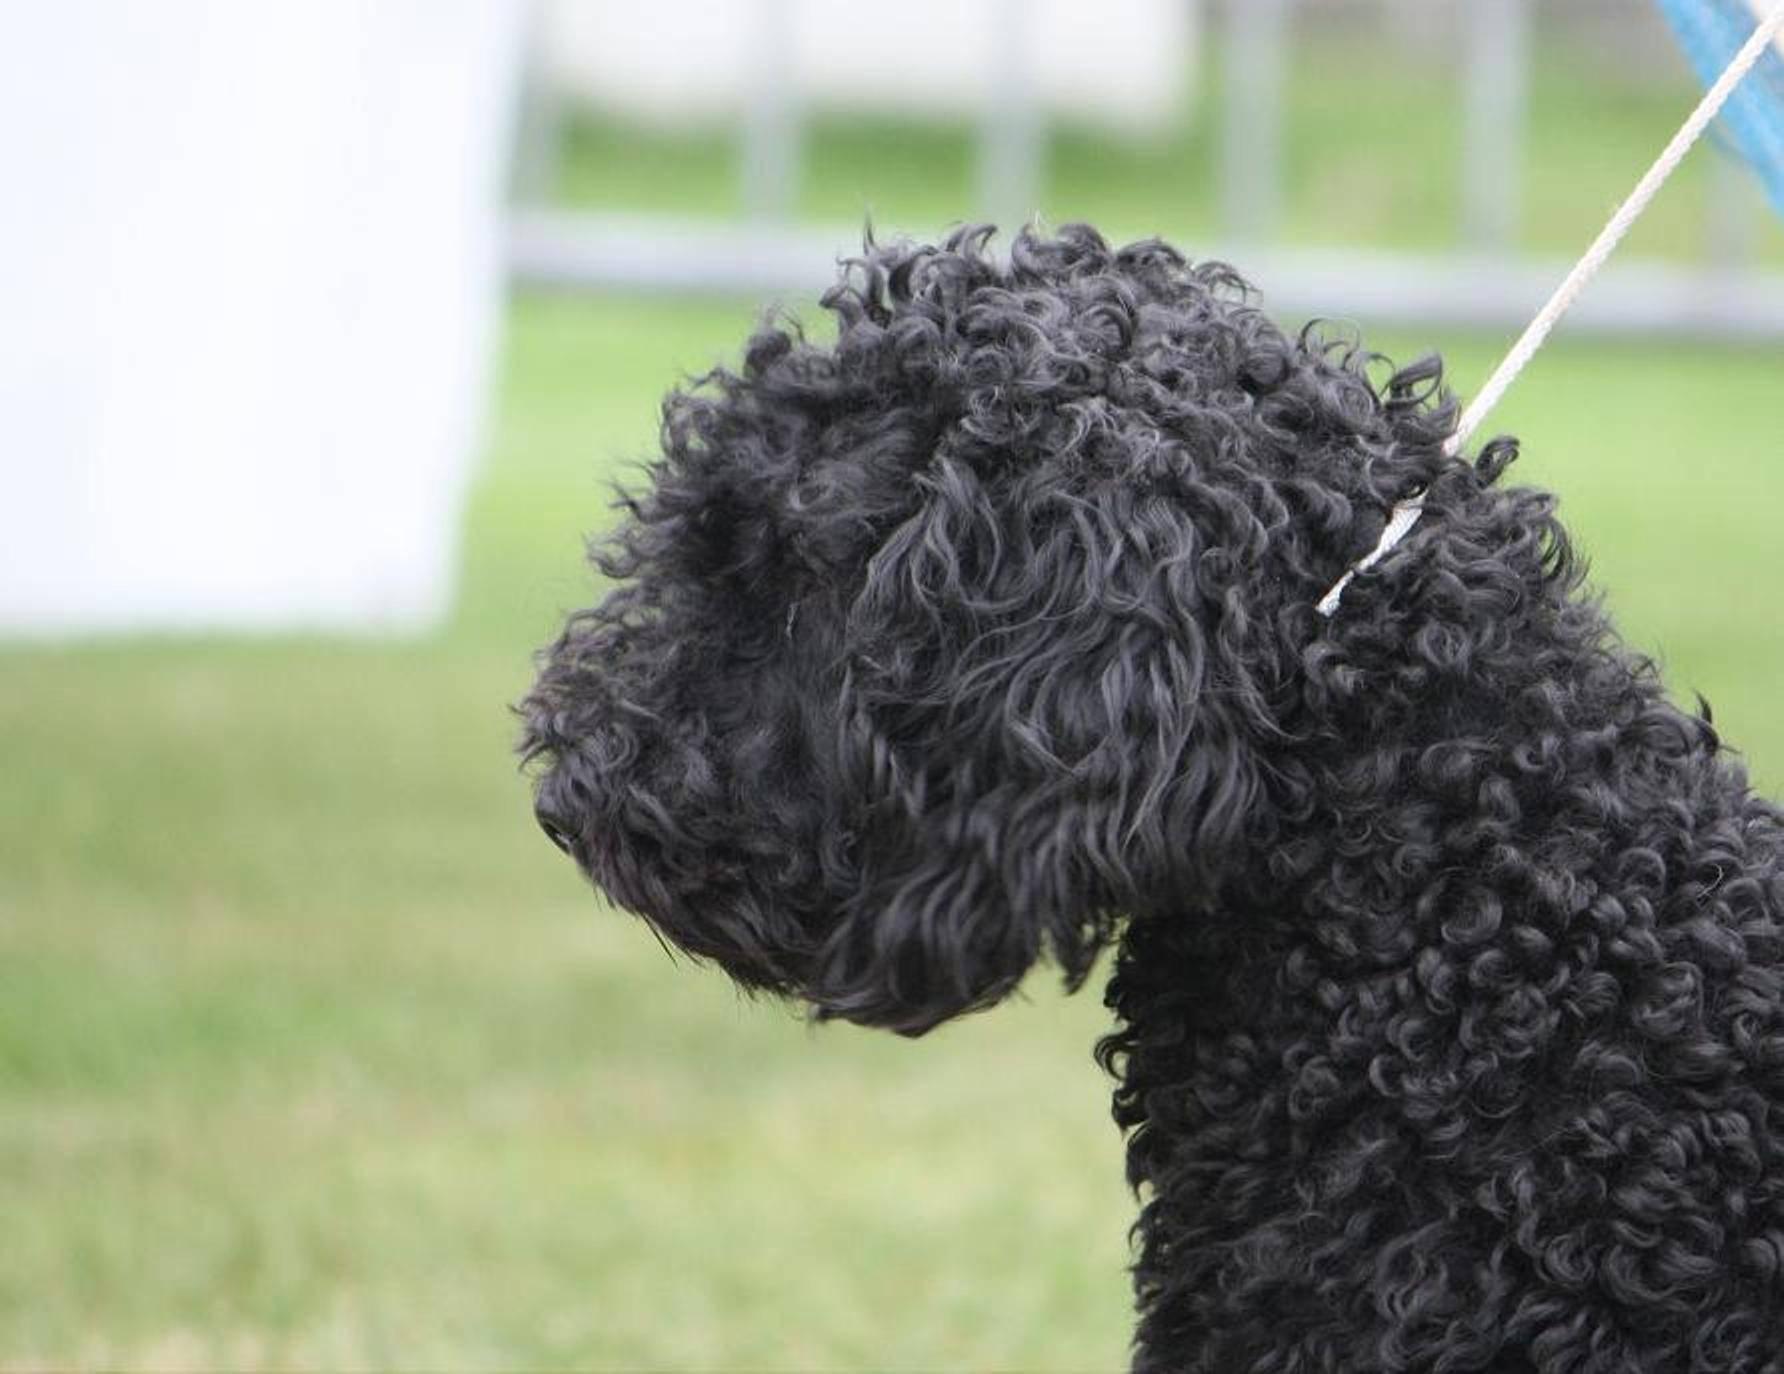 Португальская водяная собака: фото, описание породы, характера